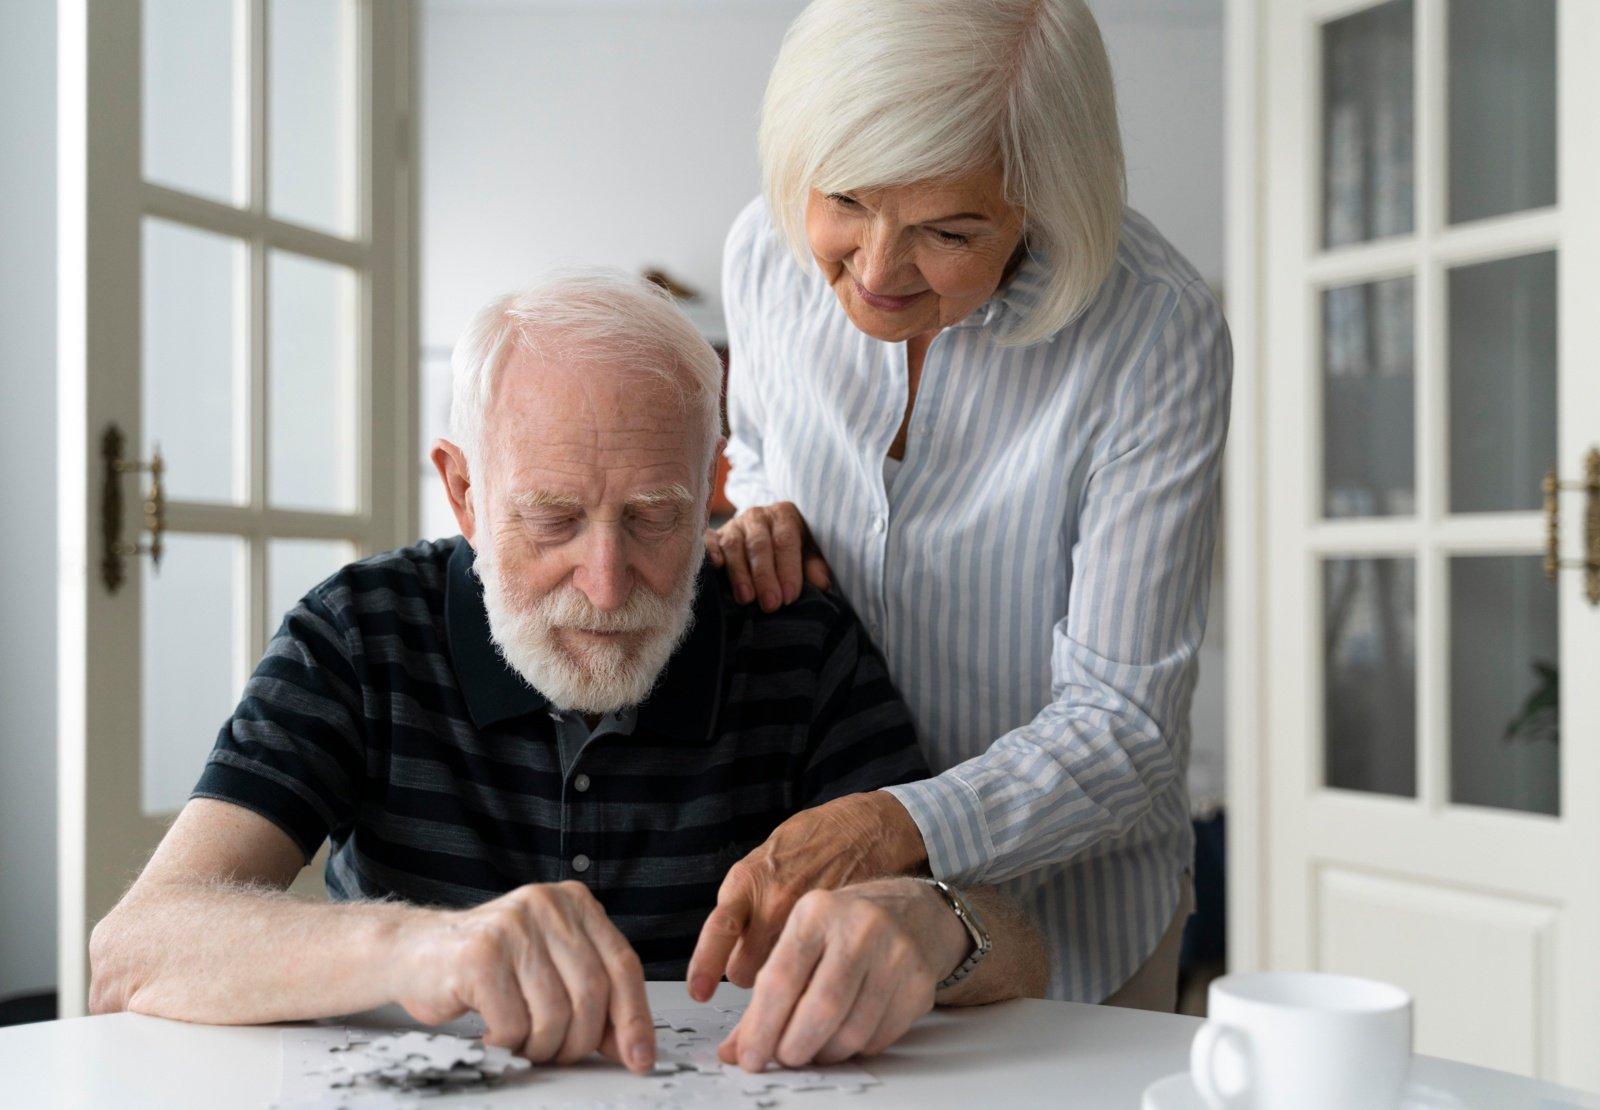 Stulbinantis mokslininkų pastebėjimas: Alzheimerio liga prasideda kepenyse – ir tai gali tapti išsigelbėjimu milijonams